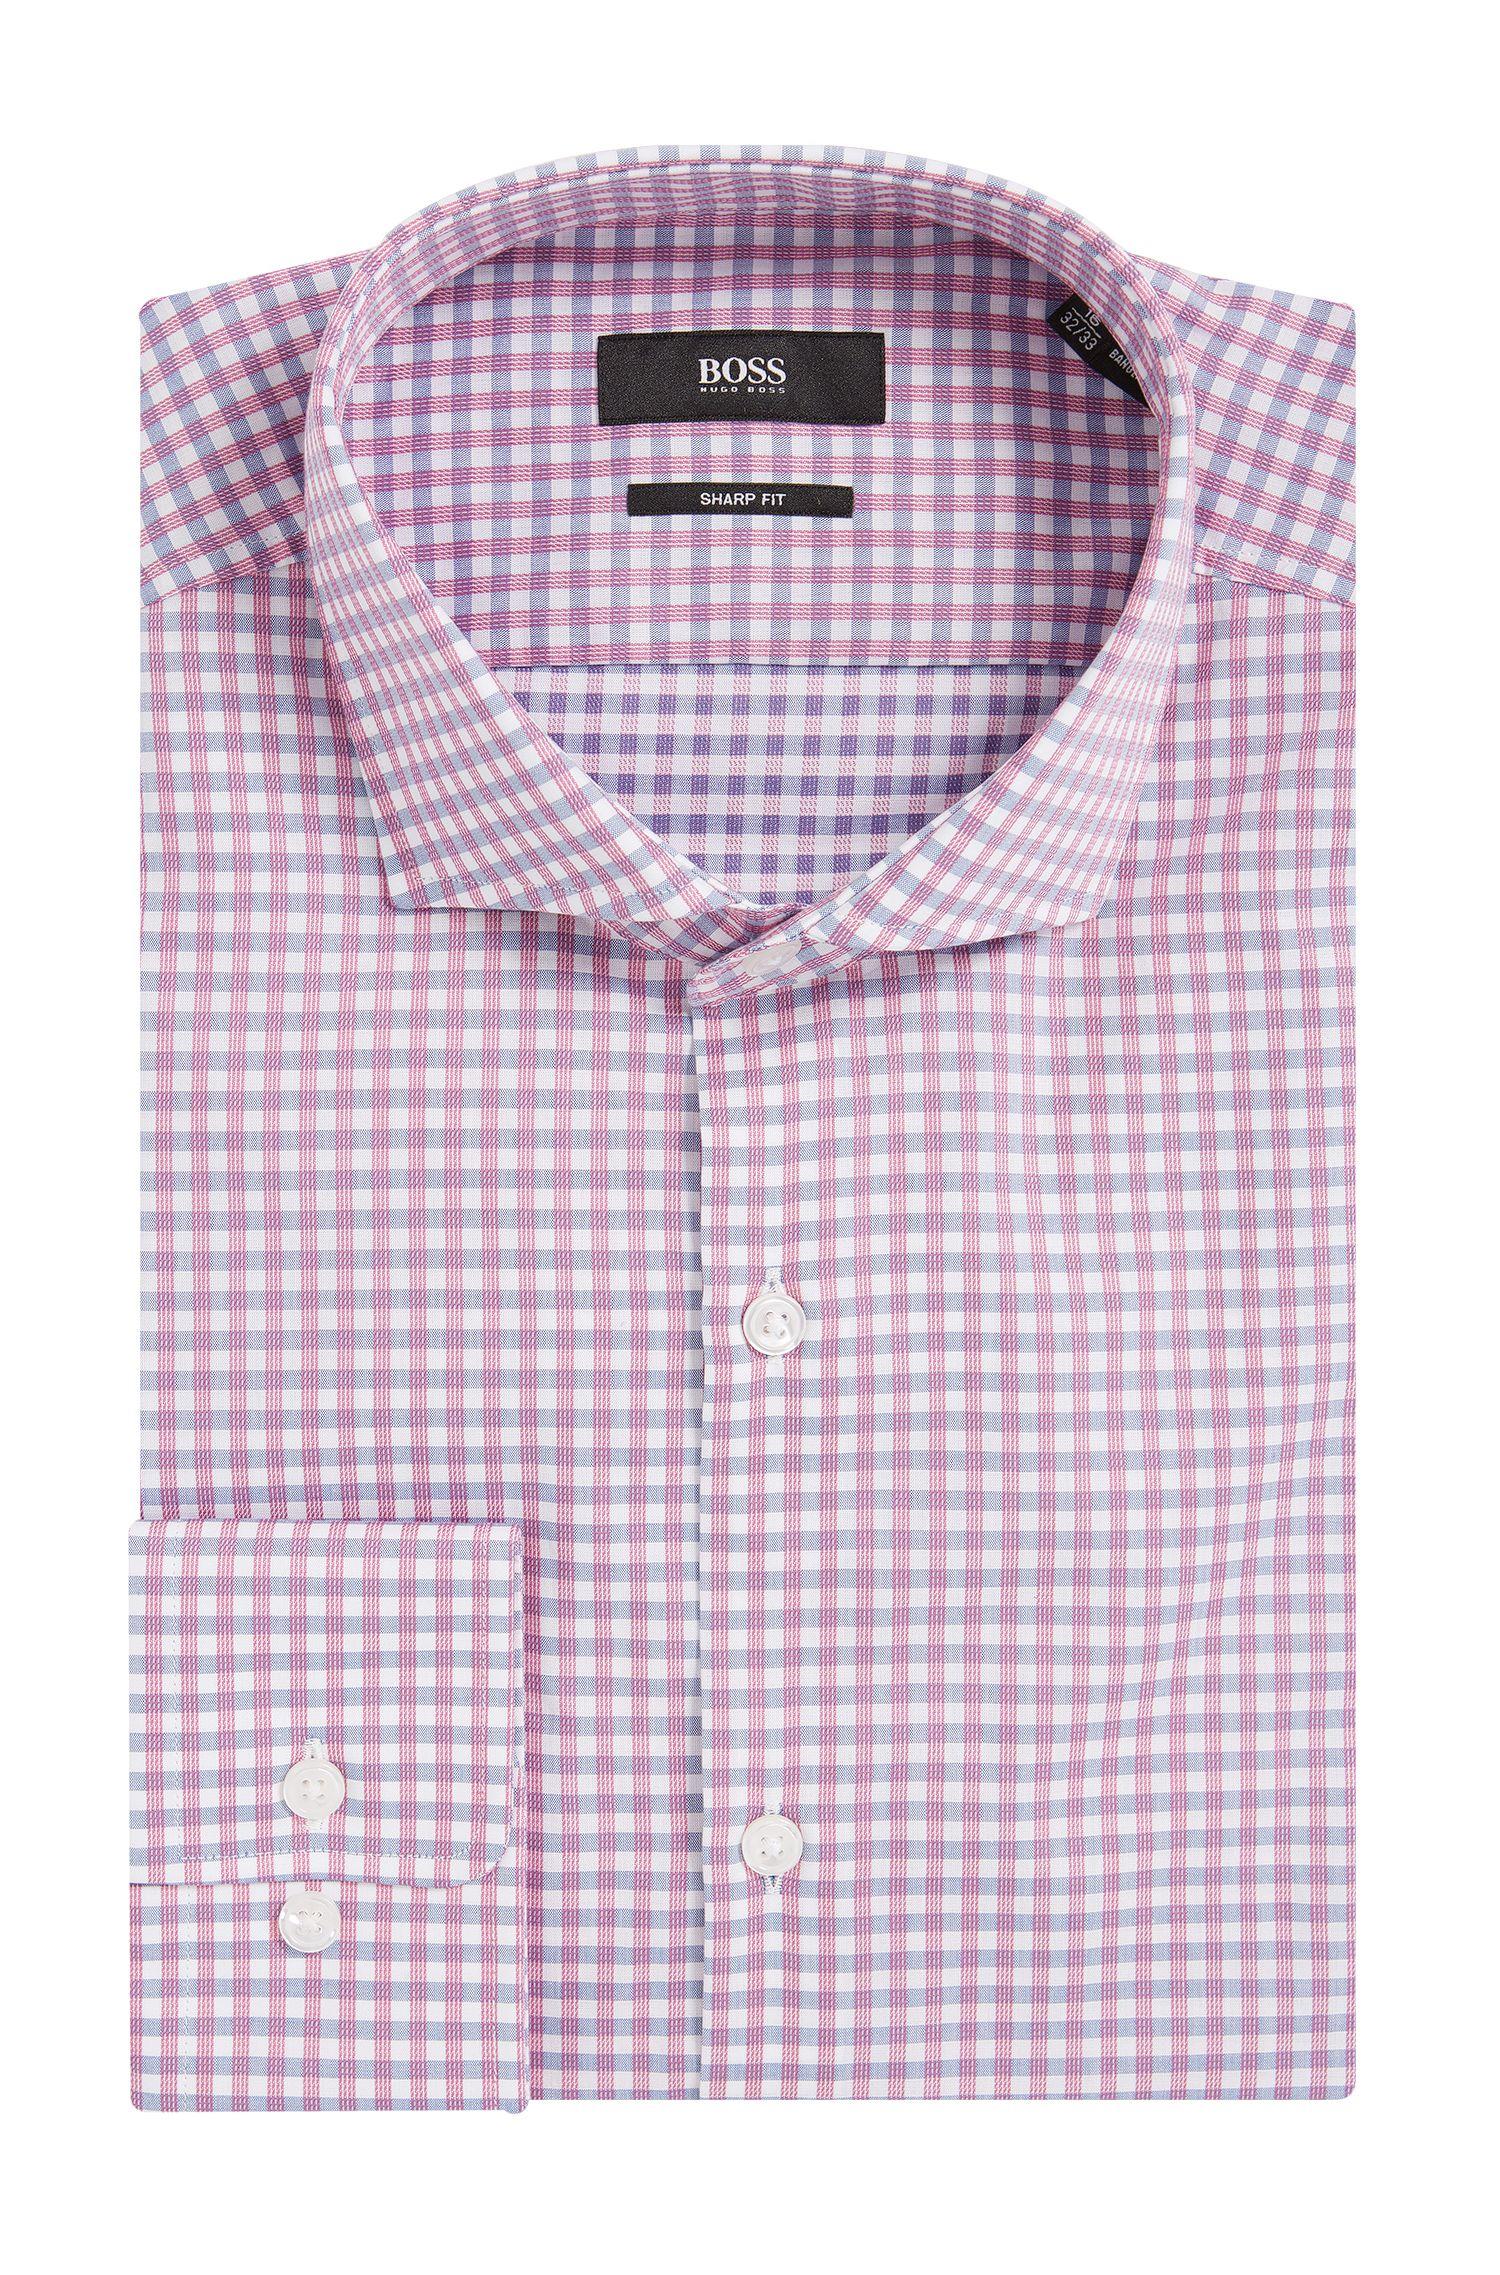 Sheperd's Check Cotton Dress Shirt, Sharp Fit | Mark US